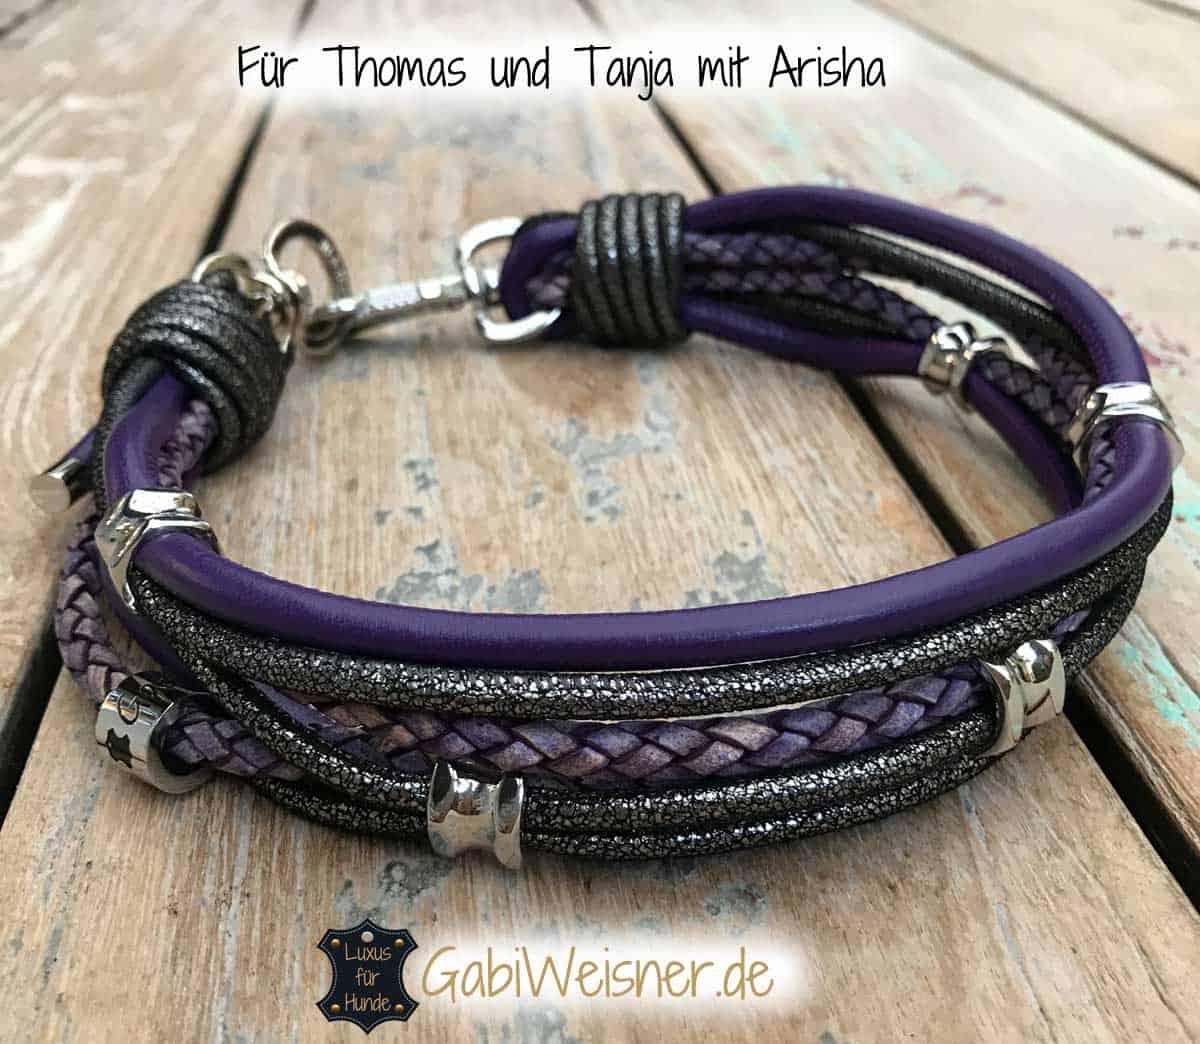 Für Thomas und Tanja mit Arisha